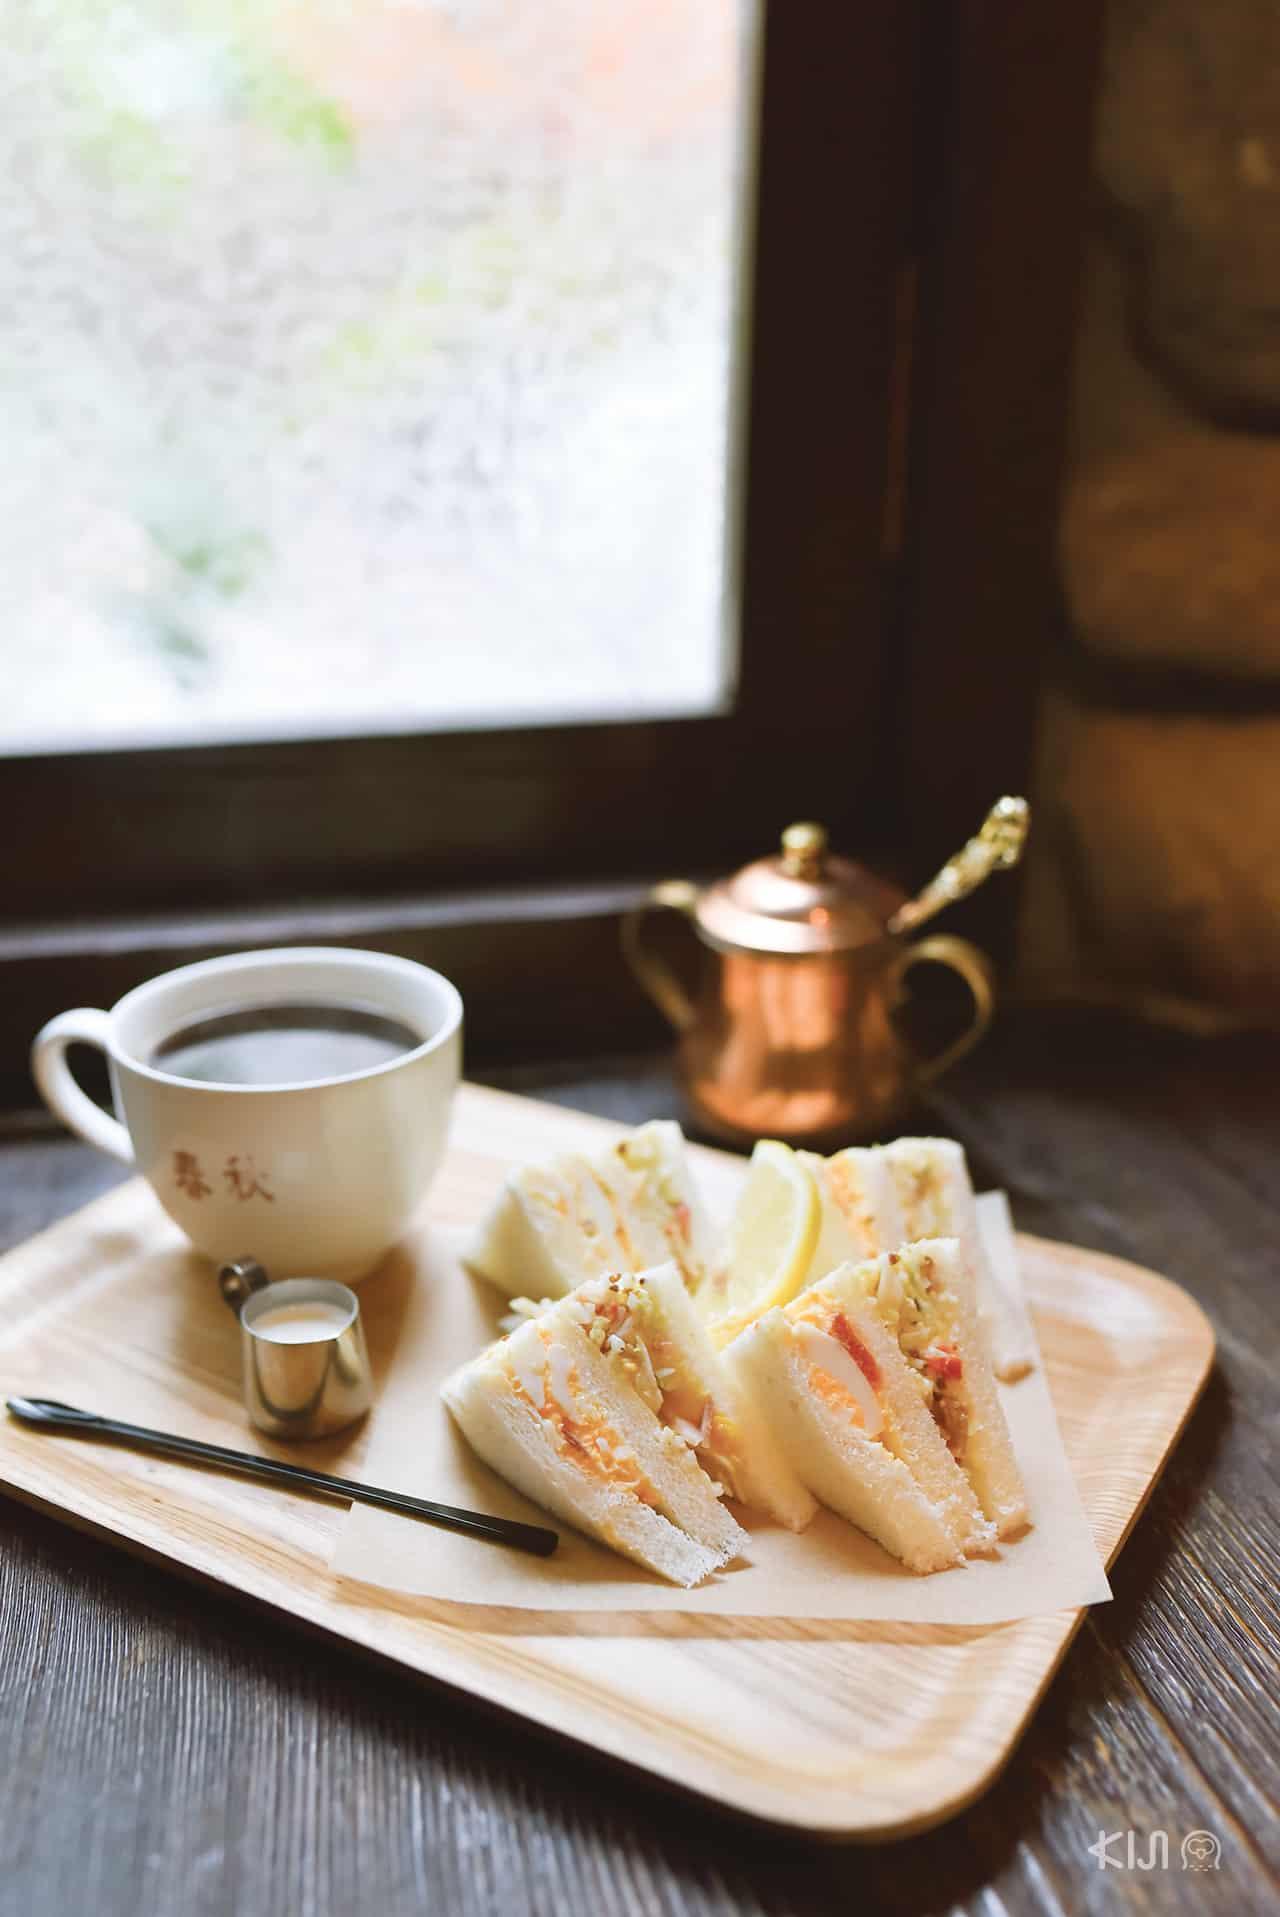 เที่ยวโกเบ : กาแฟและเมนูอาหารโฮมเมดของร้าน Coffee Syunju Kobe